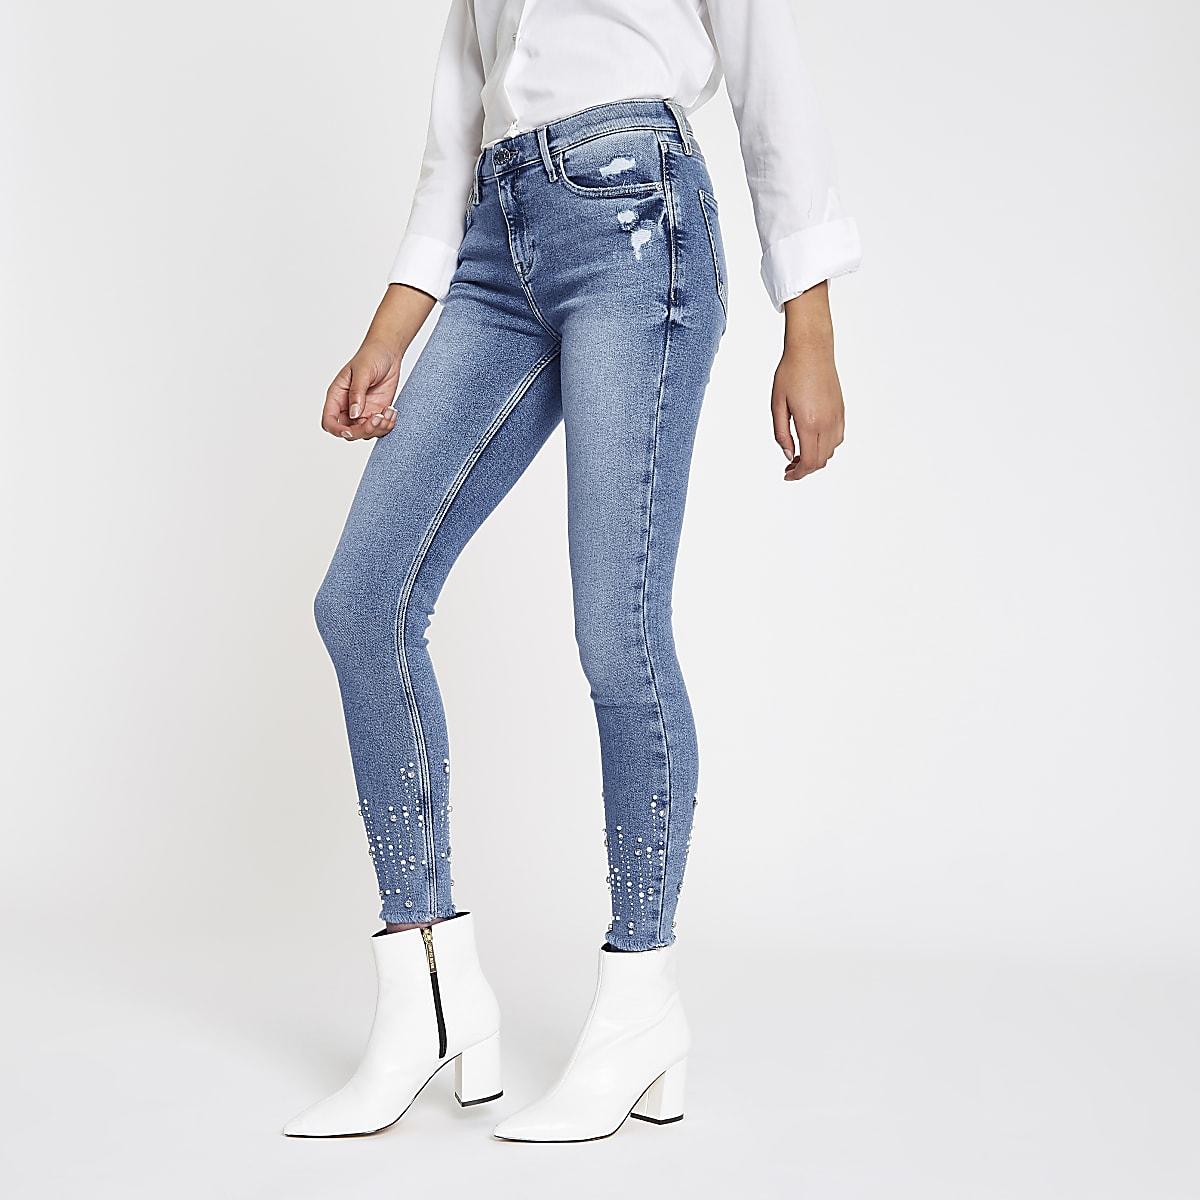 Amelie - Blauwe superskinny jeans met lovertjes